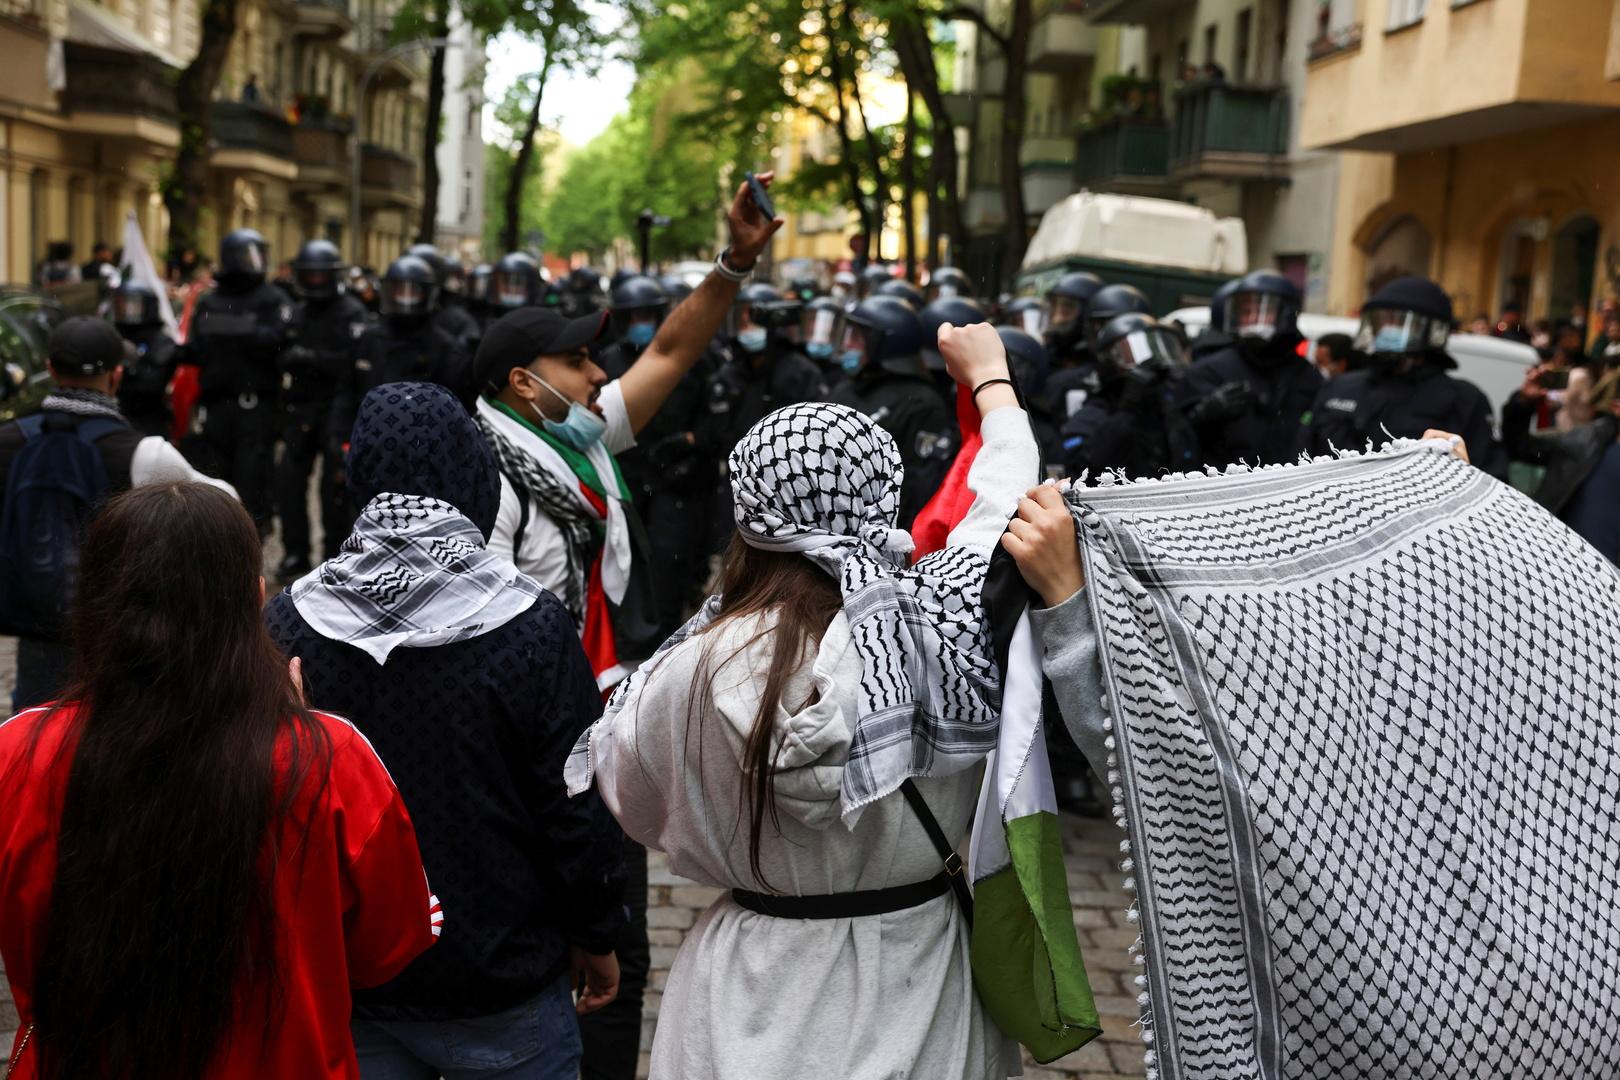 ثاني مظاهرة تضامن مع الفلسطينيين في برلين منذ صباح اليوم